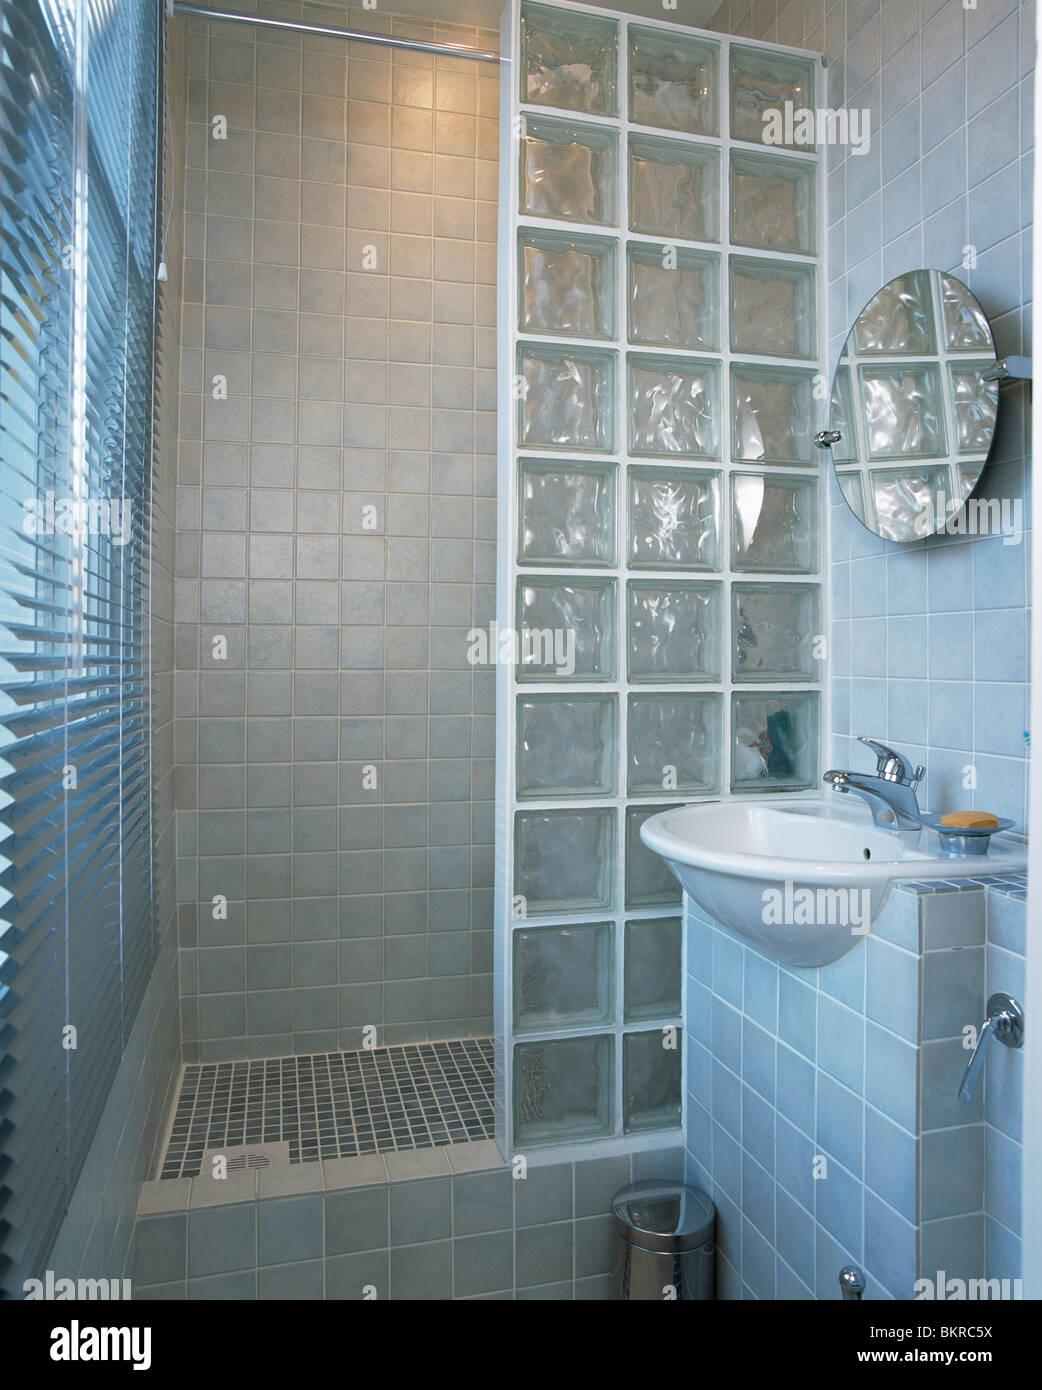 Gemauerte Dusche Glaswand In Kleinen Modern Gefliesten Bad Mit Wand Becken